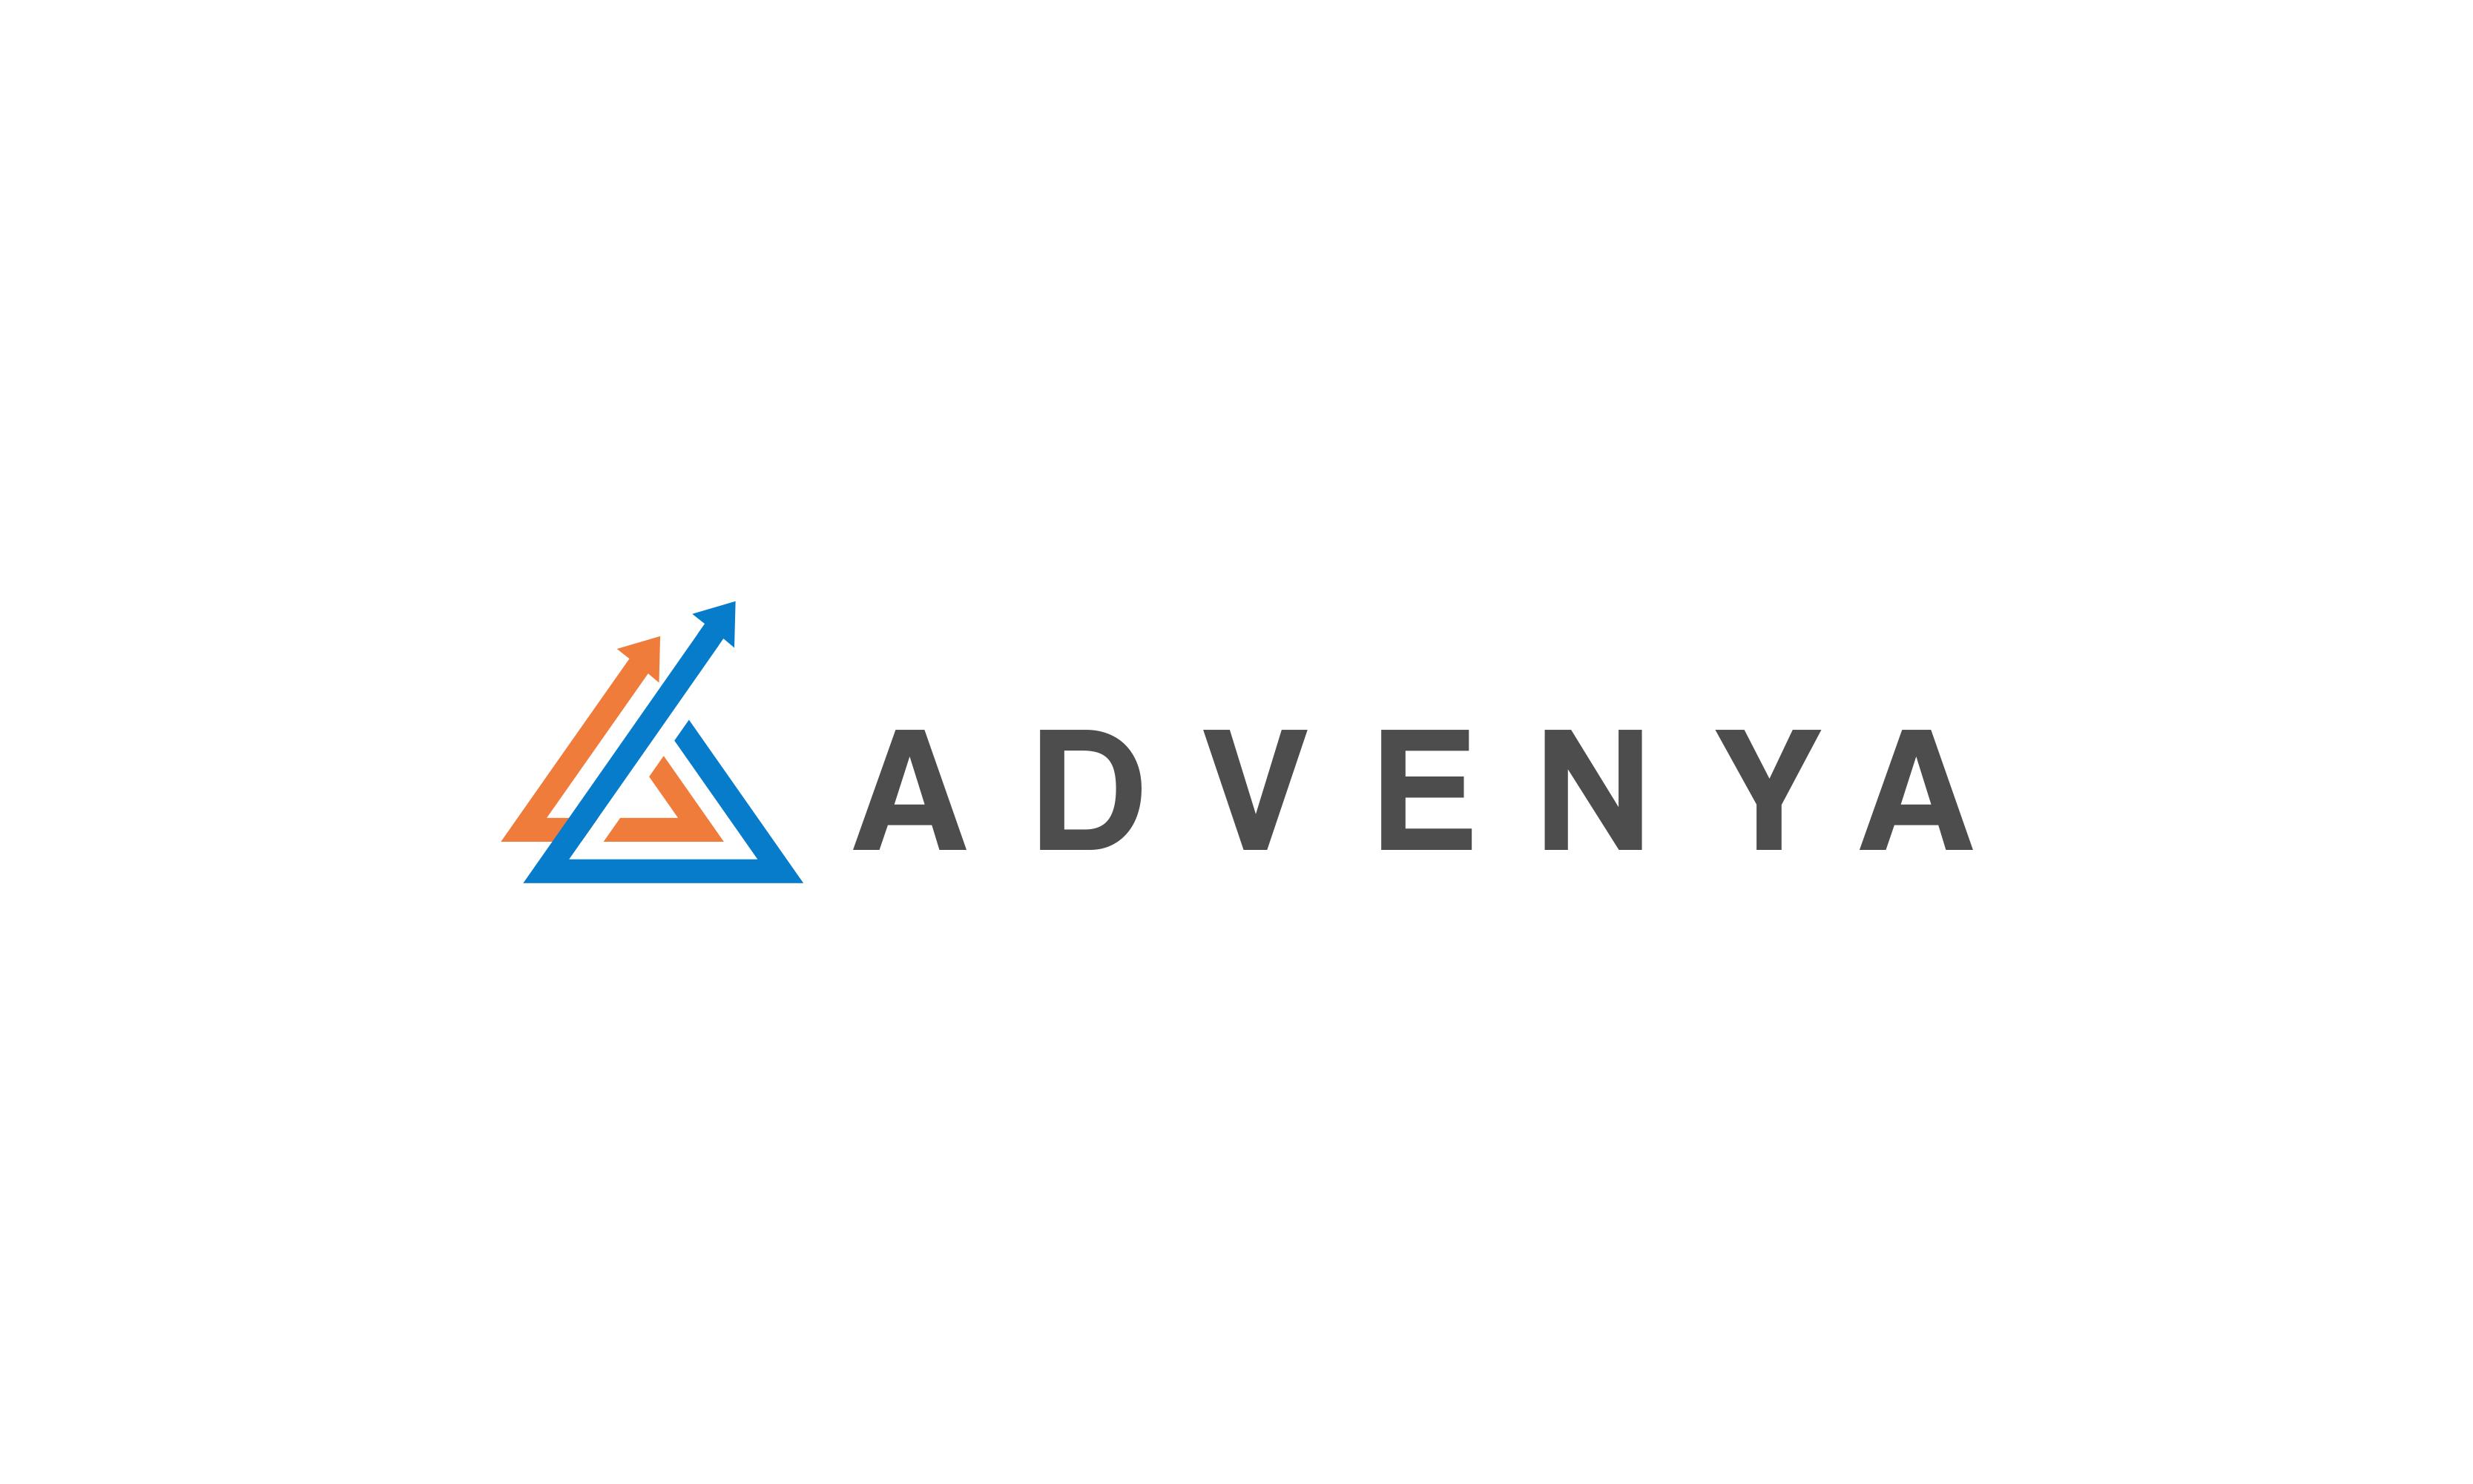 Advenya